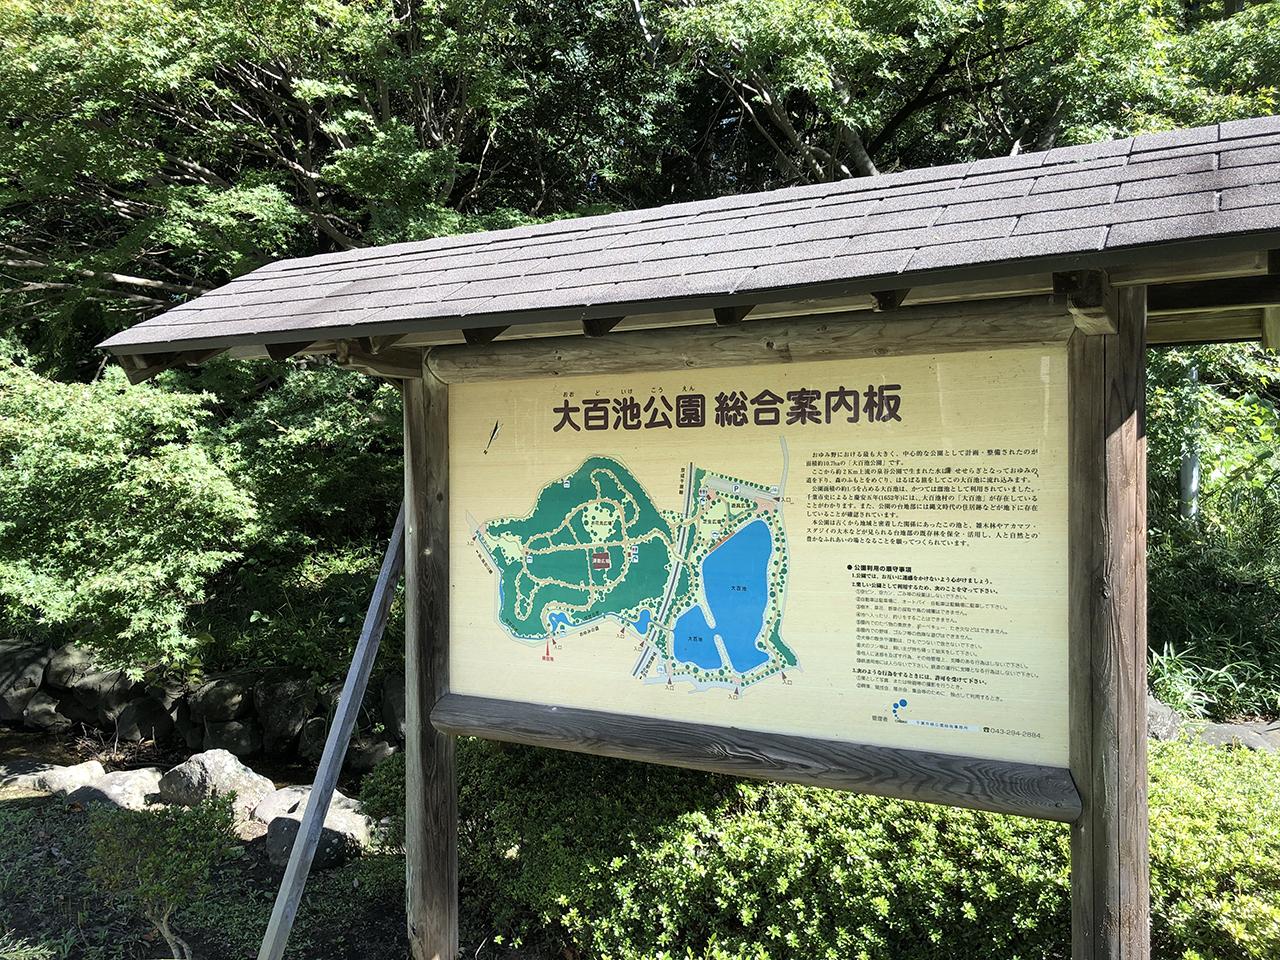 大百池公園の画像